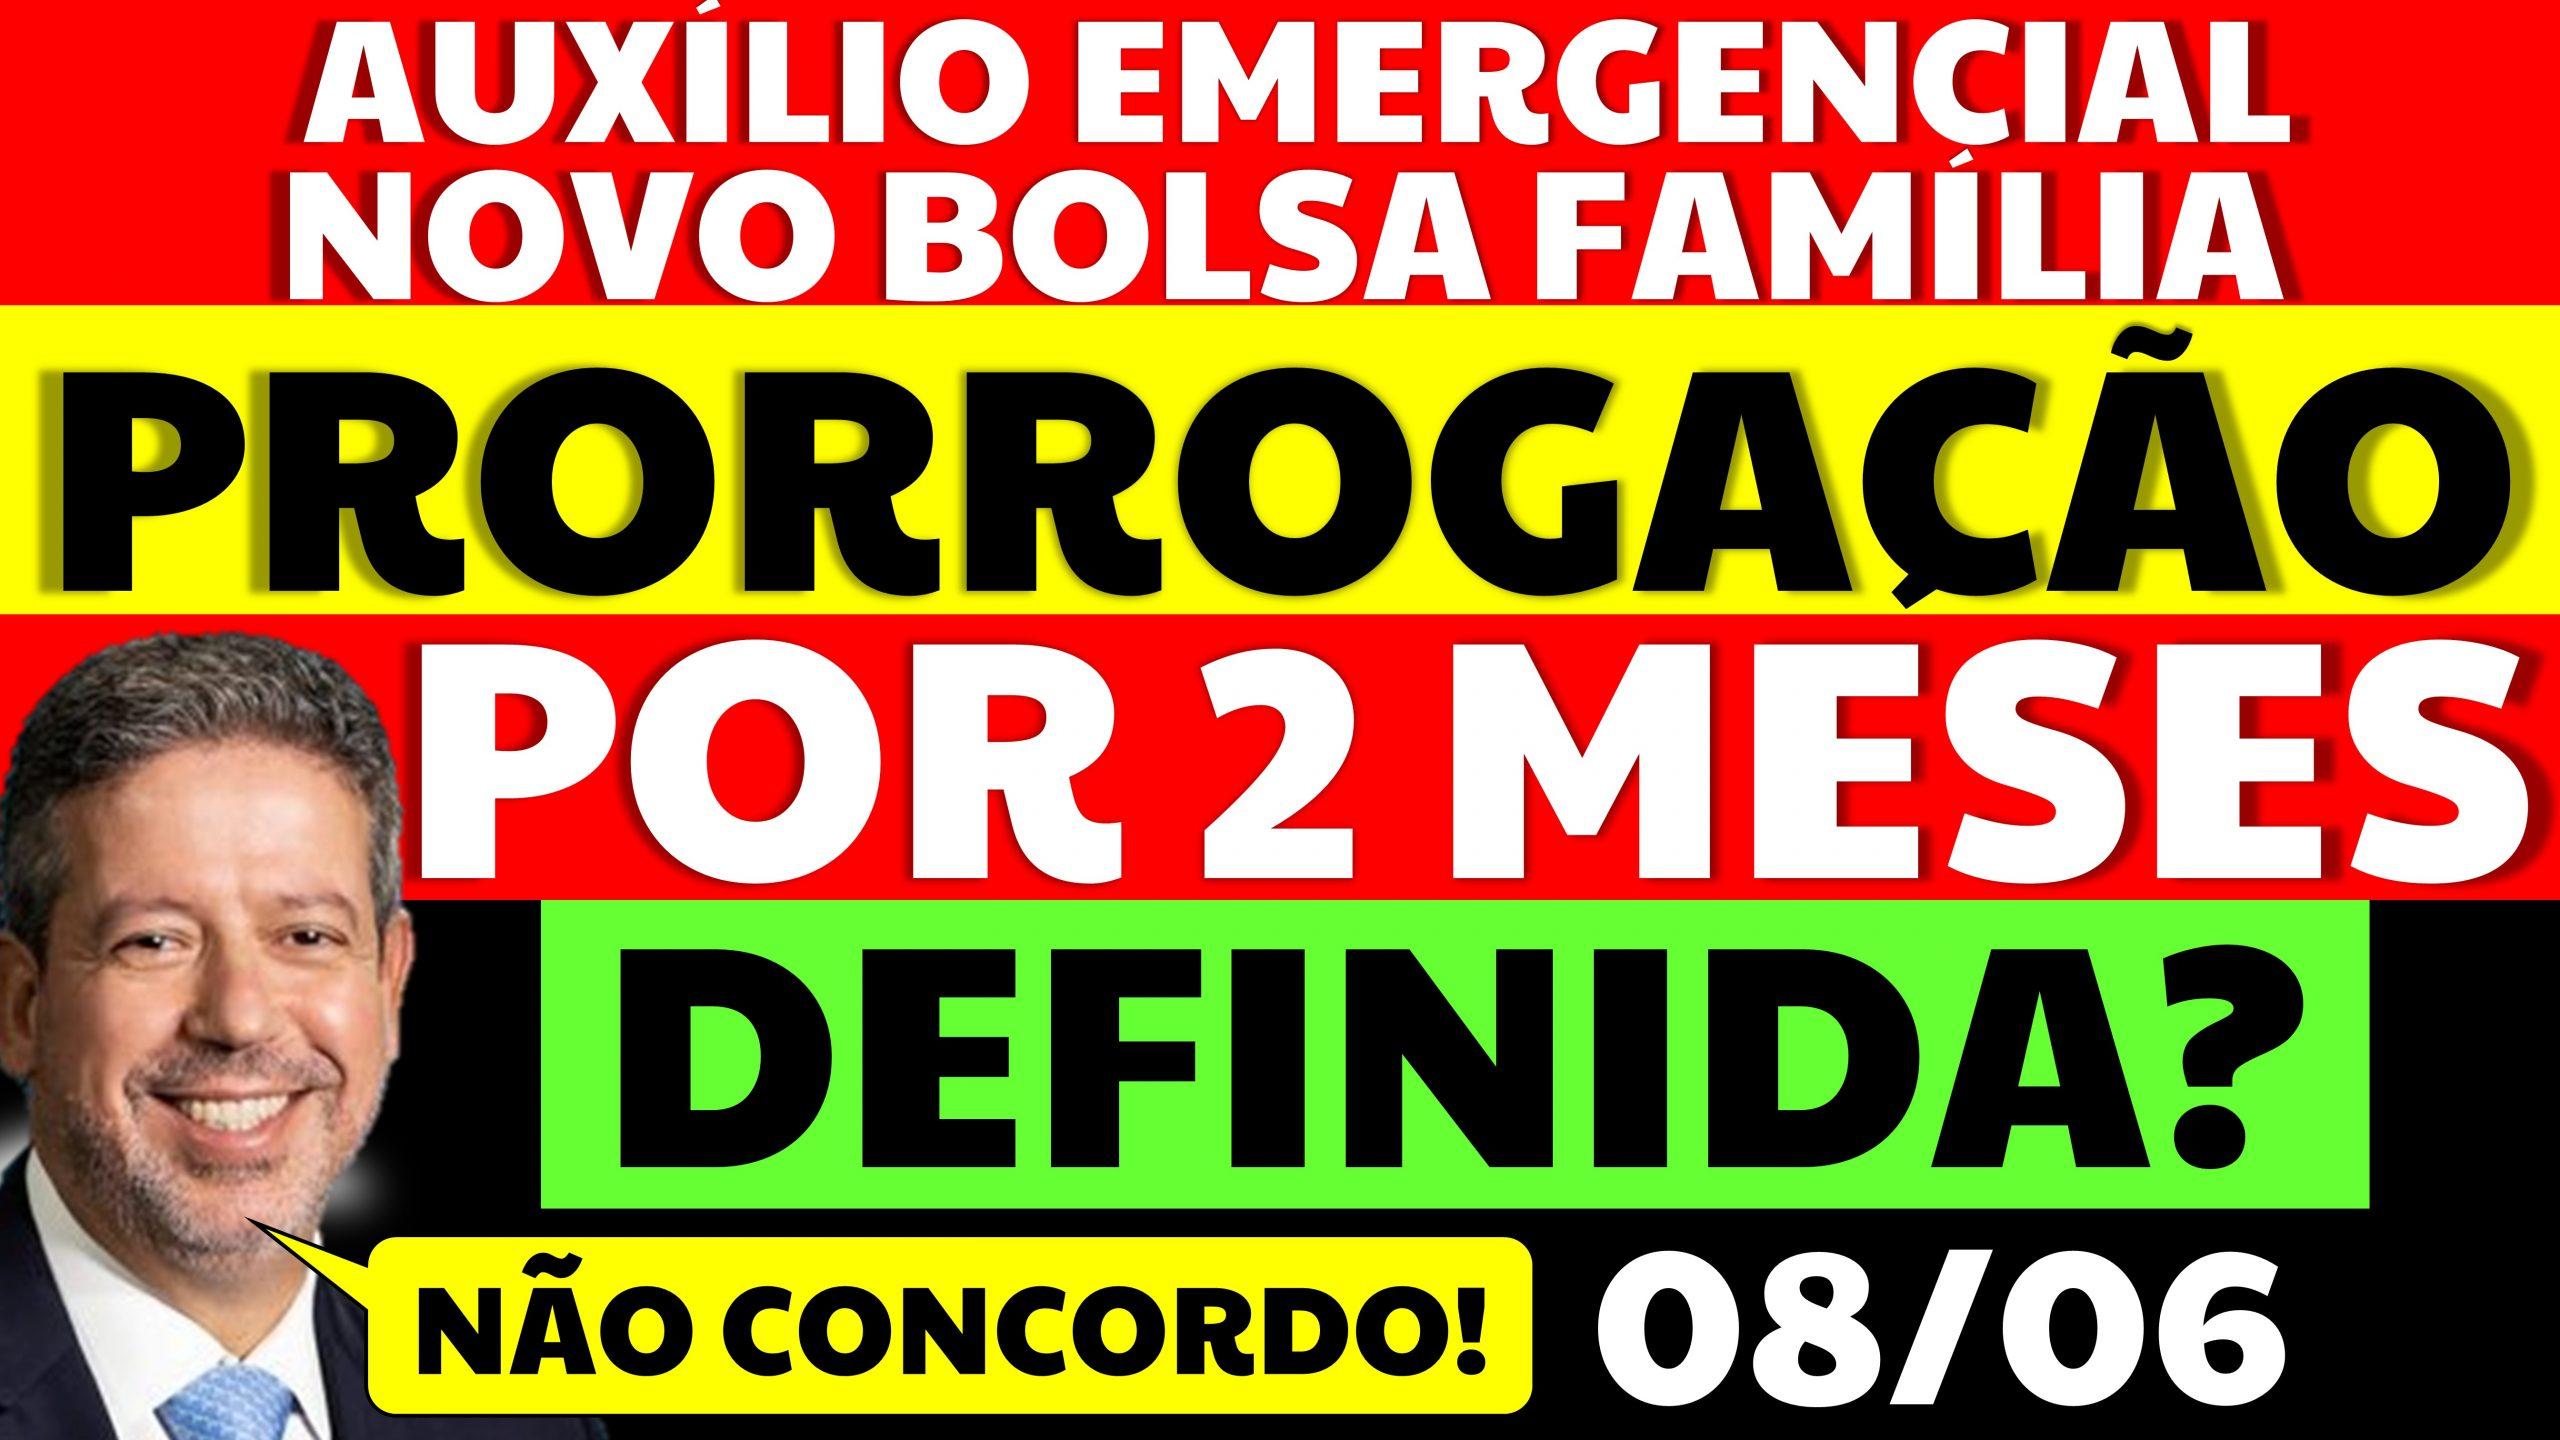 Auxílio Emergencial Hoje – 08/06